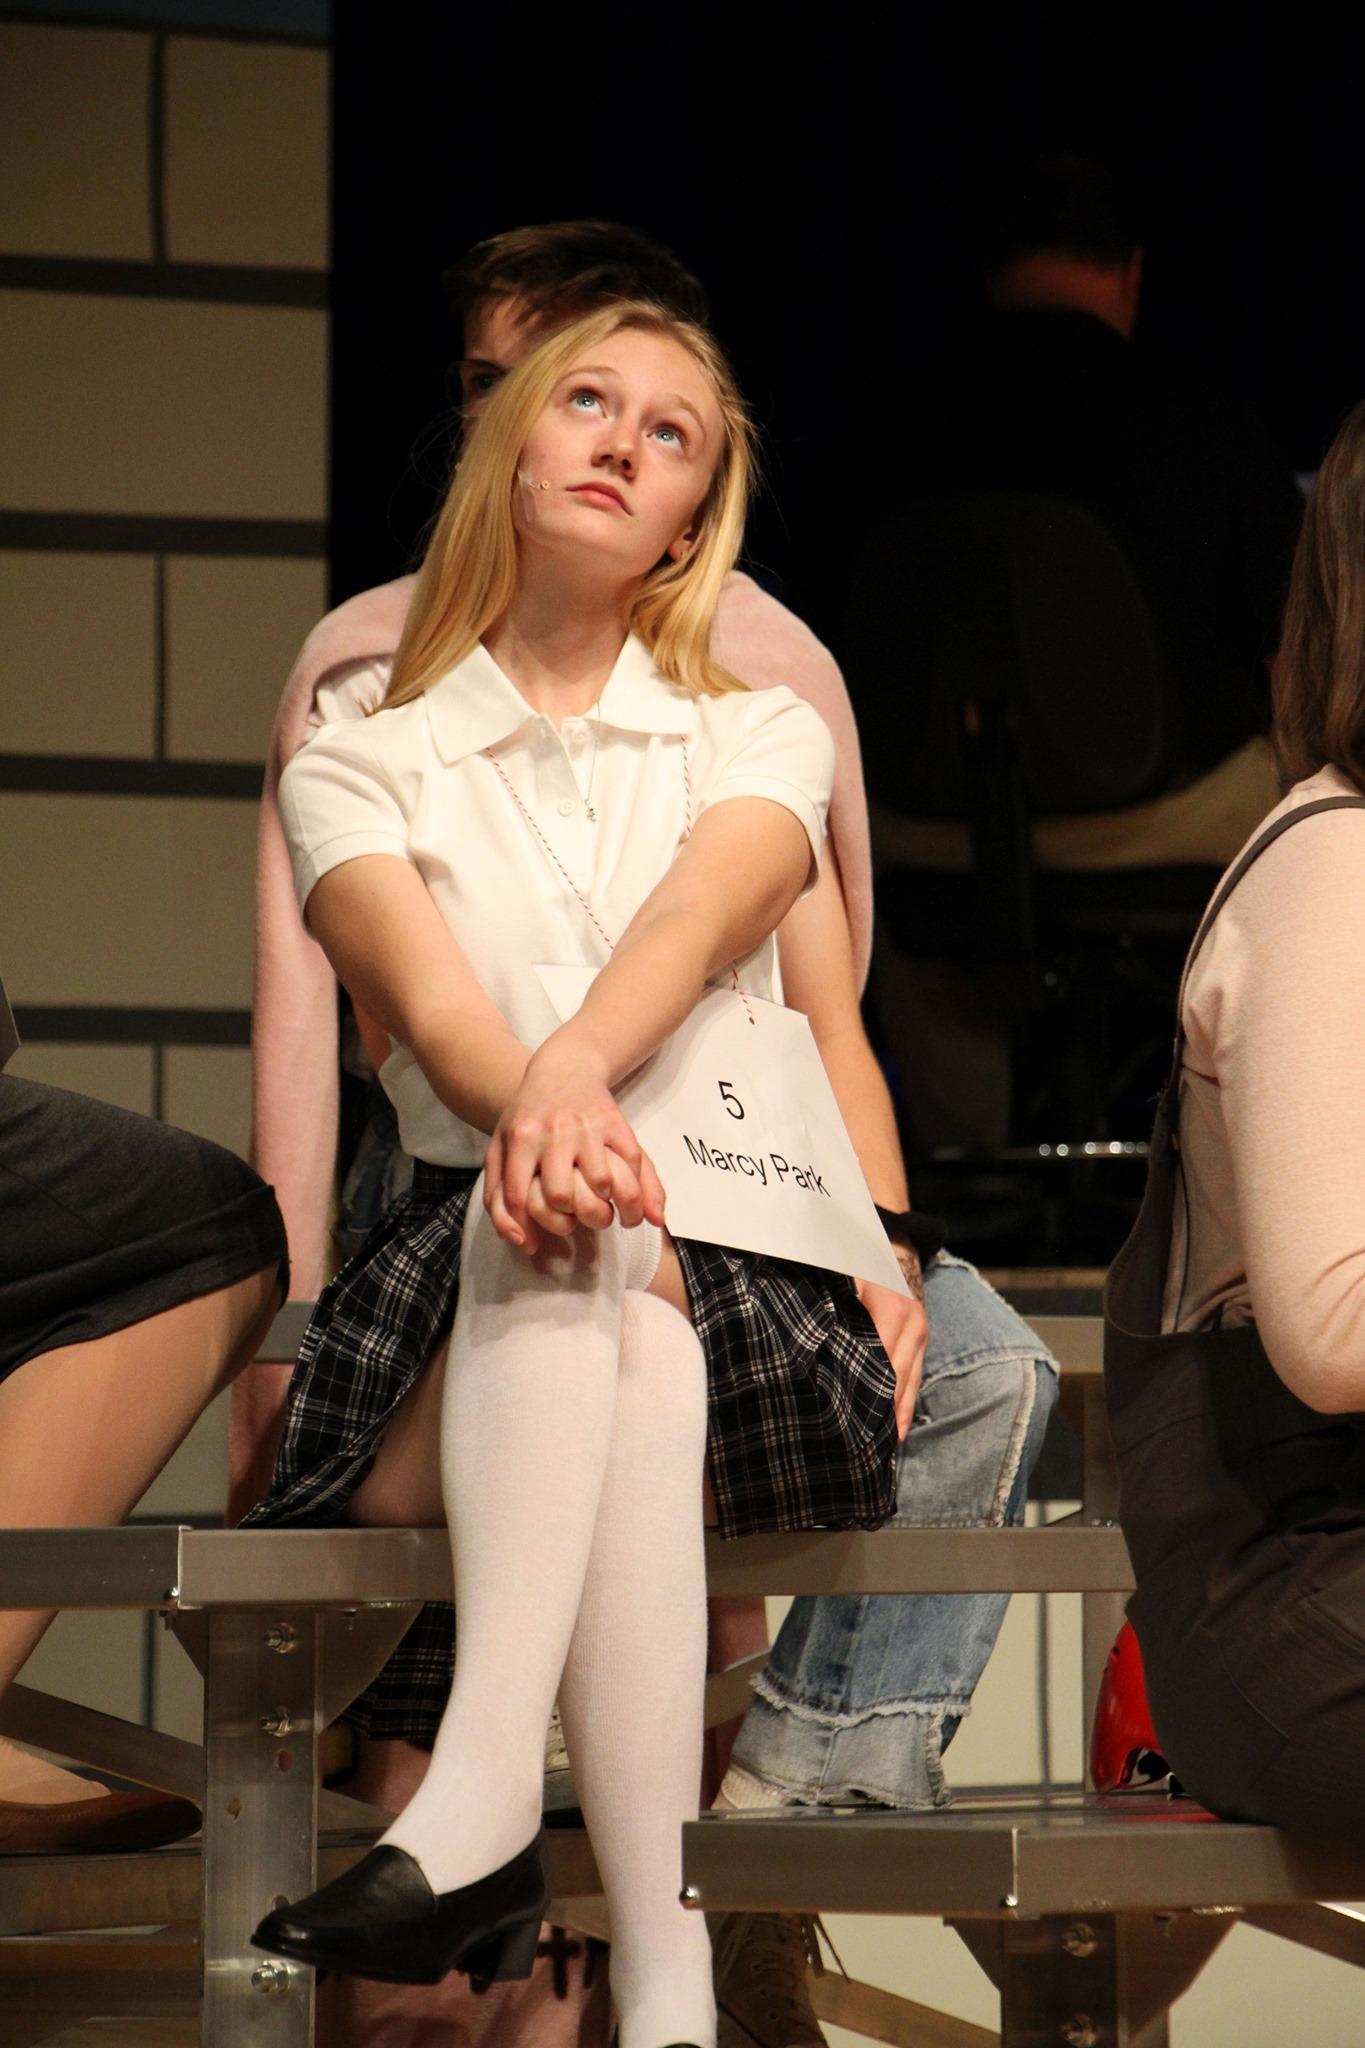 Girl performing in school play